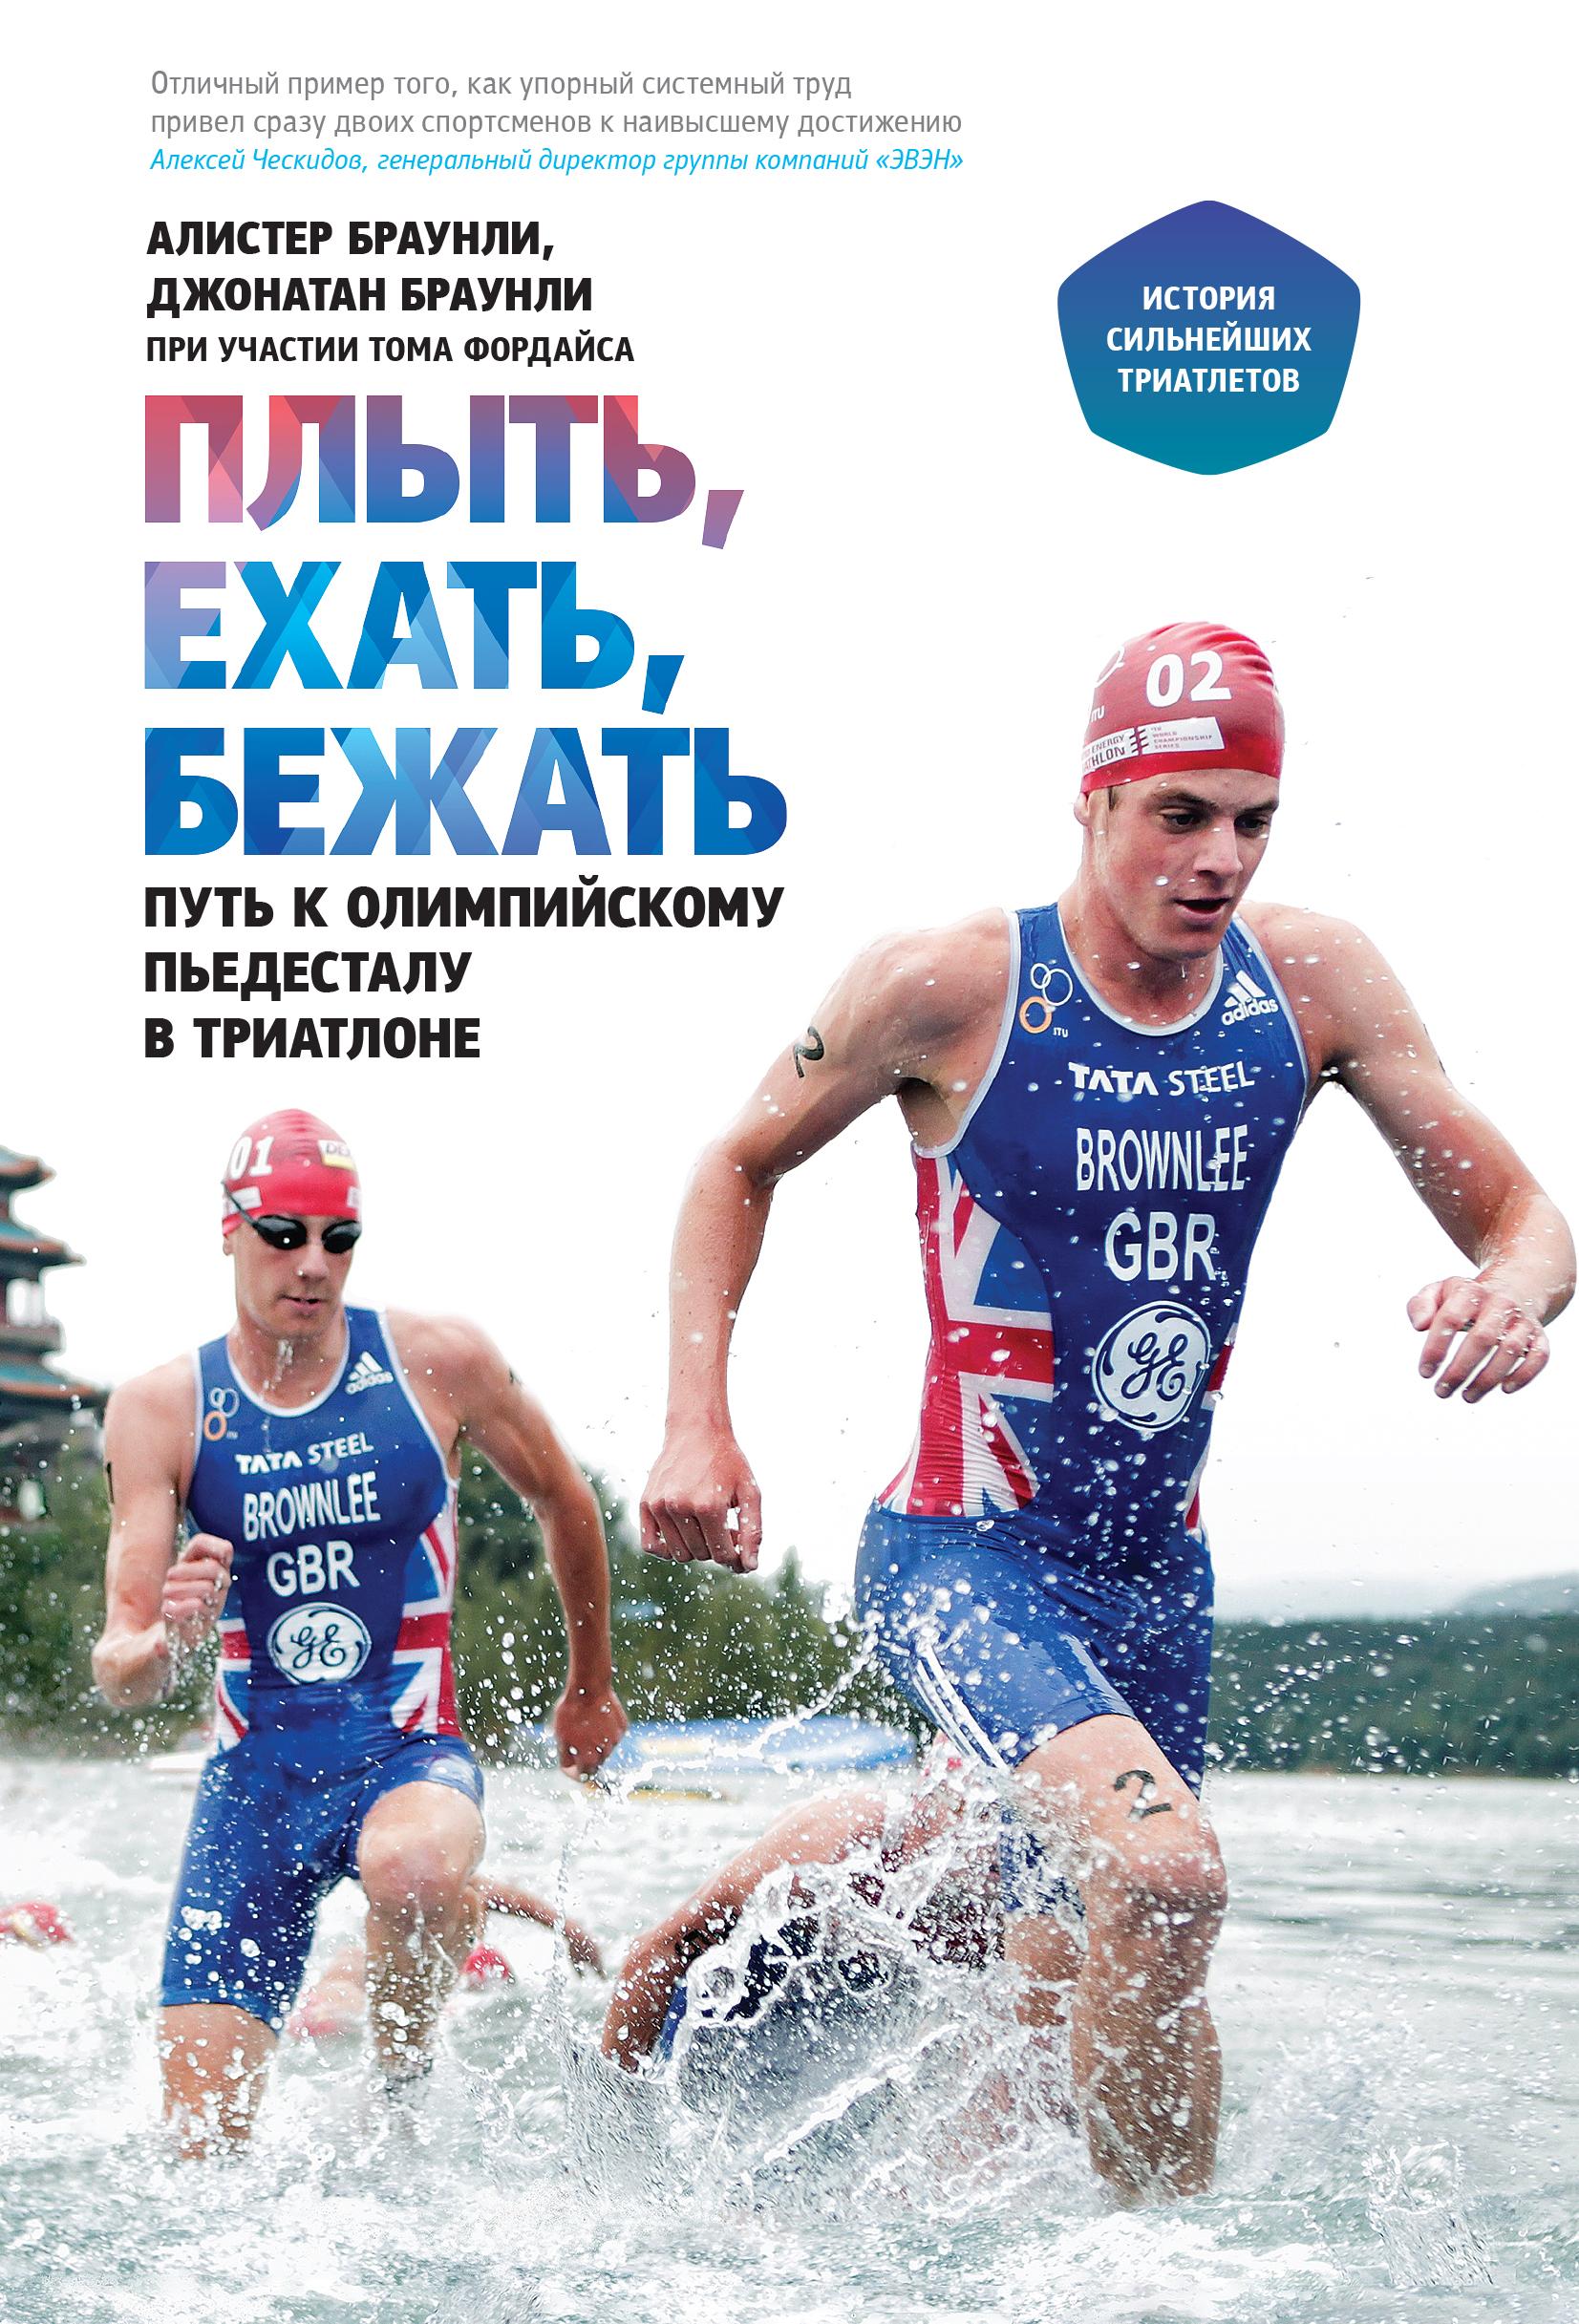 Плыть, ехать, бежать. Путь к олимпийскому пьедесталу в триатлоне